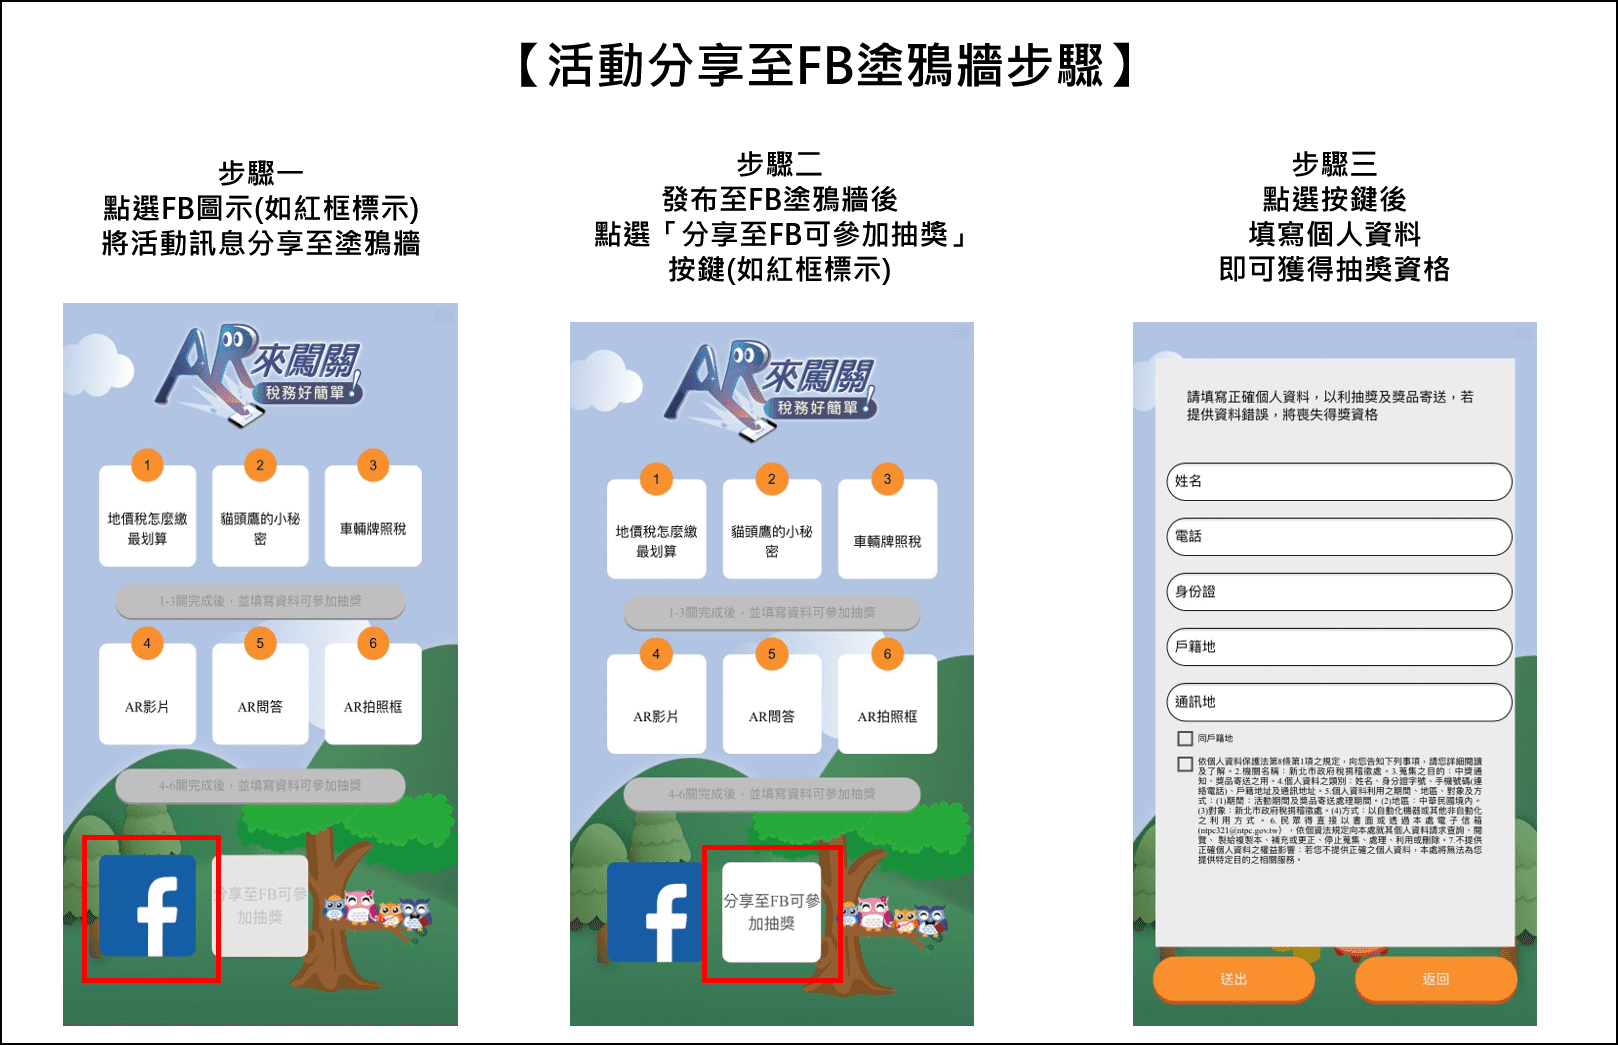 活動分享至FB塗鴉牆步驟